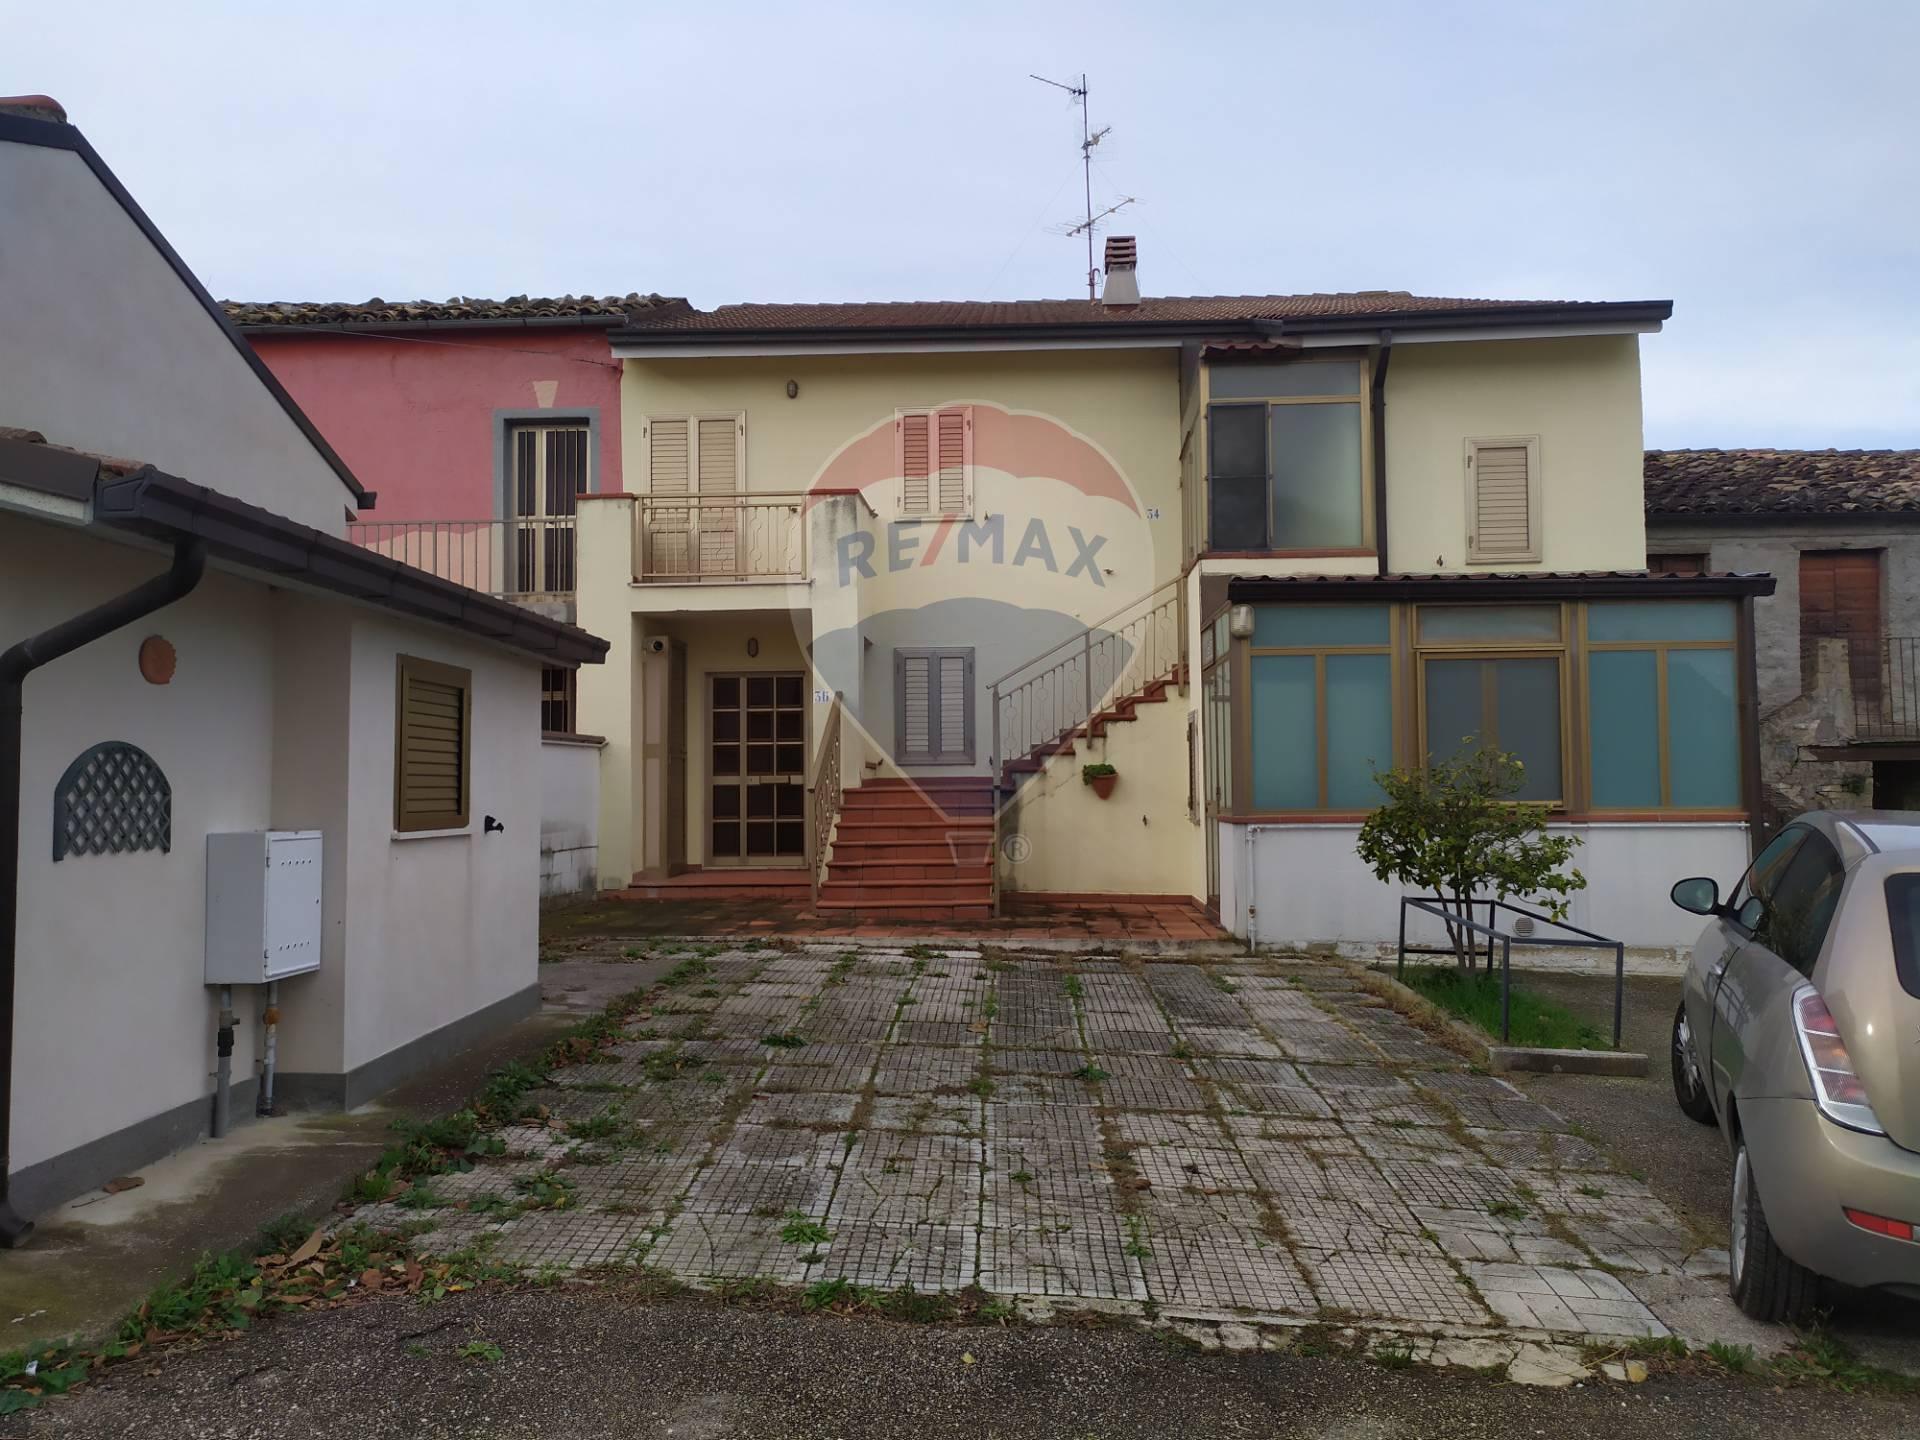 Soluzione Indipendente in vendita a Alanno, 5 locali, zona Zona: Prati, prezzo € 50.000 | CambioCasa.it